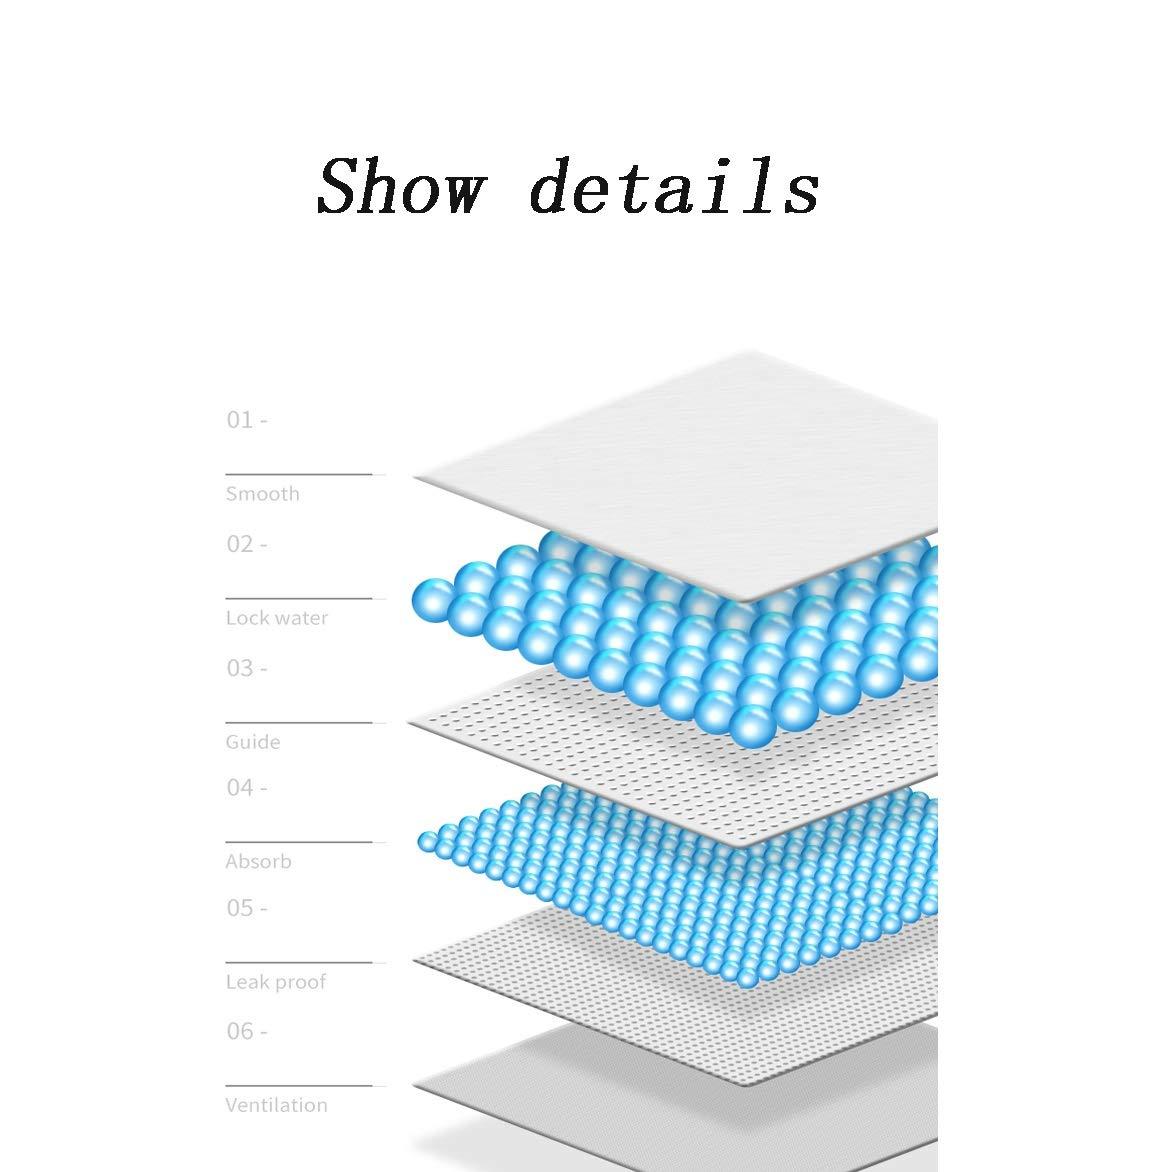 6-18 kg monatliche Packung leicht anzuziehen Windelhose, Size : S ZENGZHIJIE Baby-Dry Gr/ö/ße 4 Verpackung kann variieren bis zu 12 Stunden atmungsaktive Trockenheit